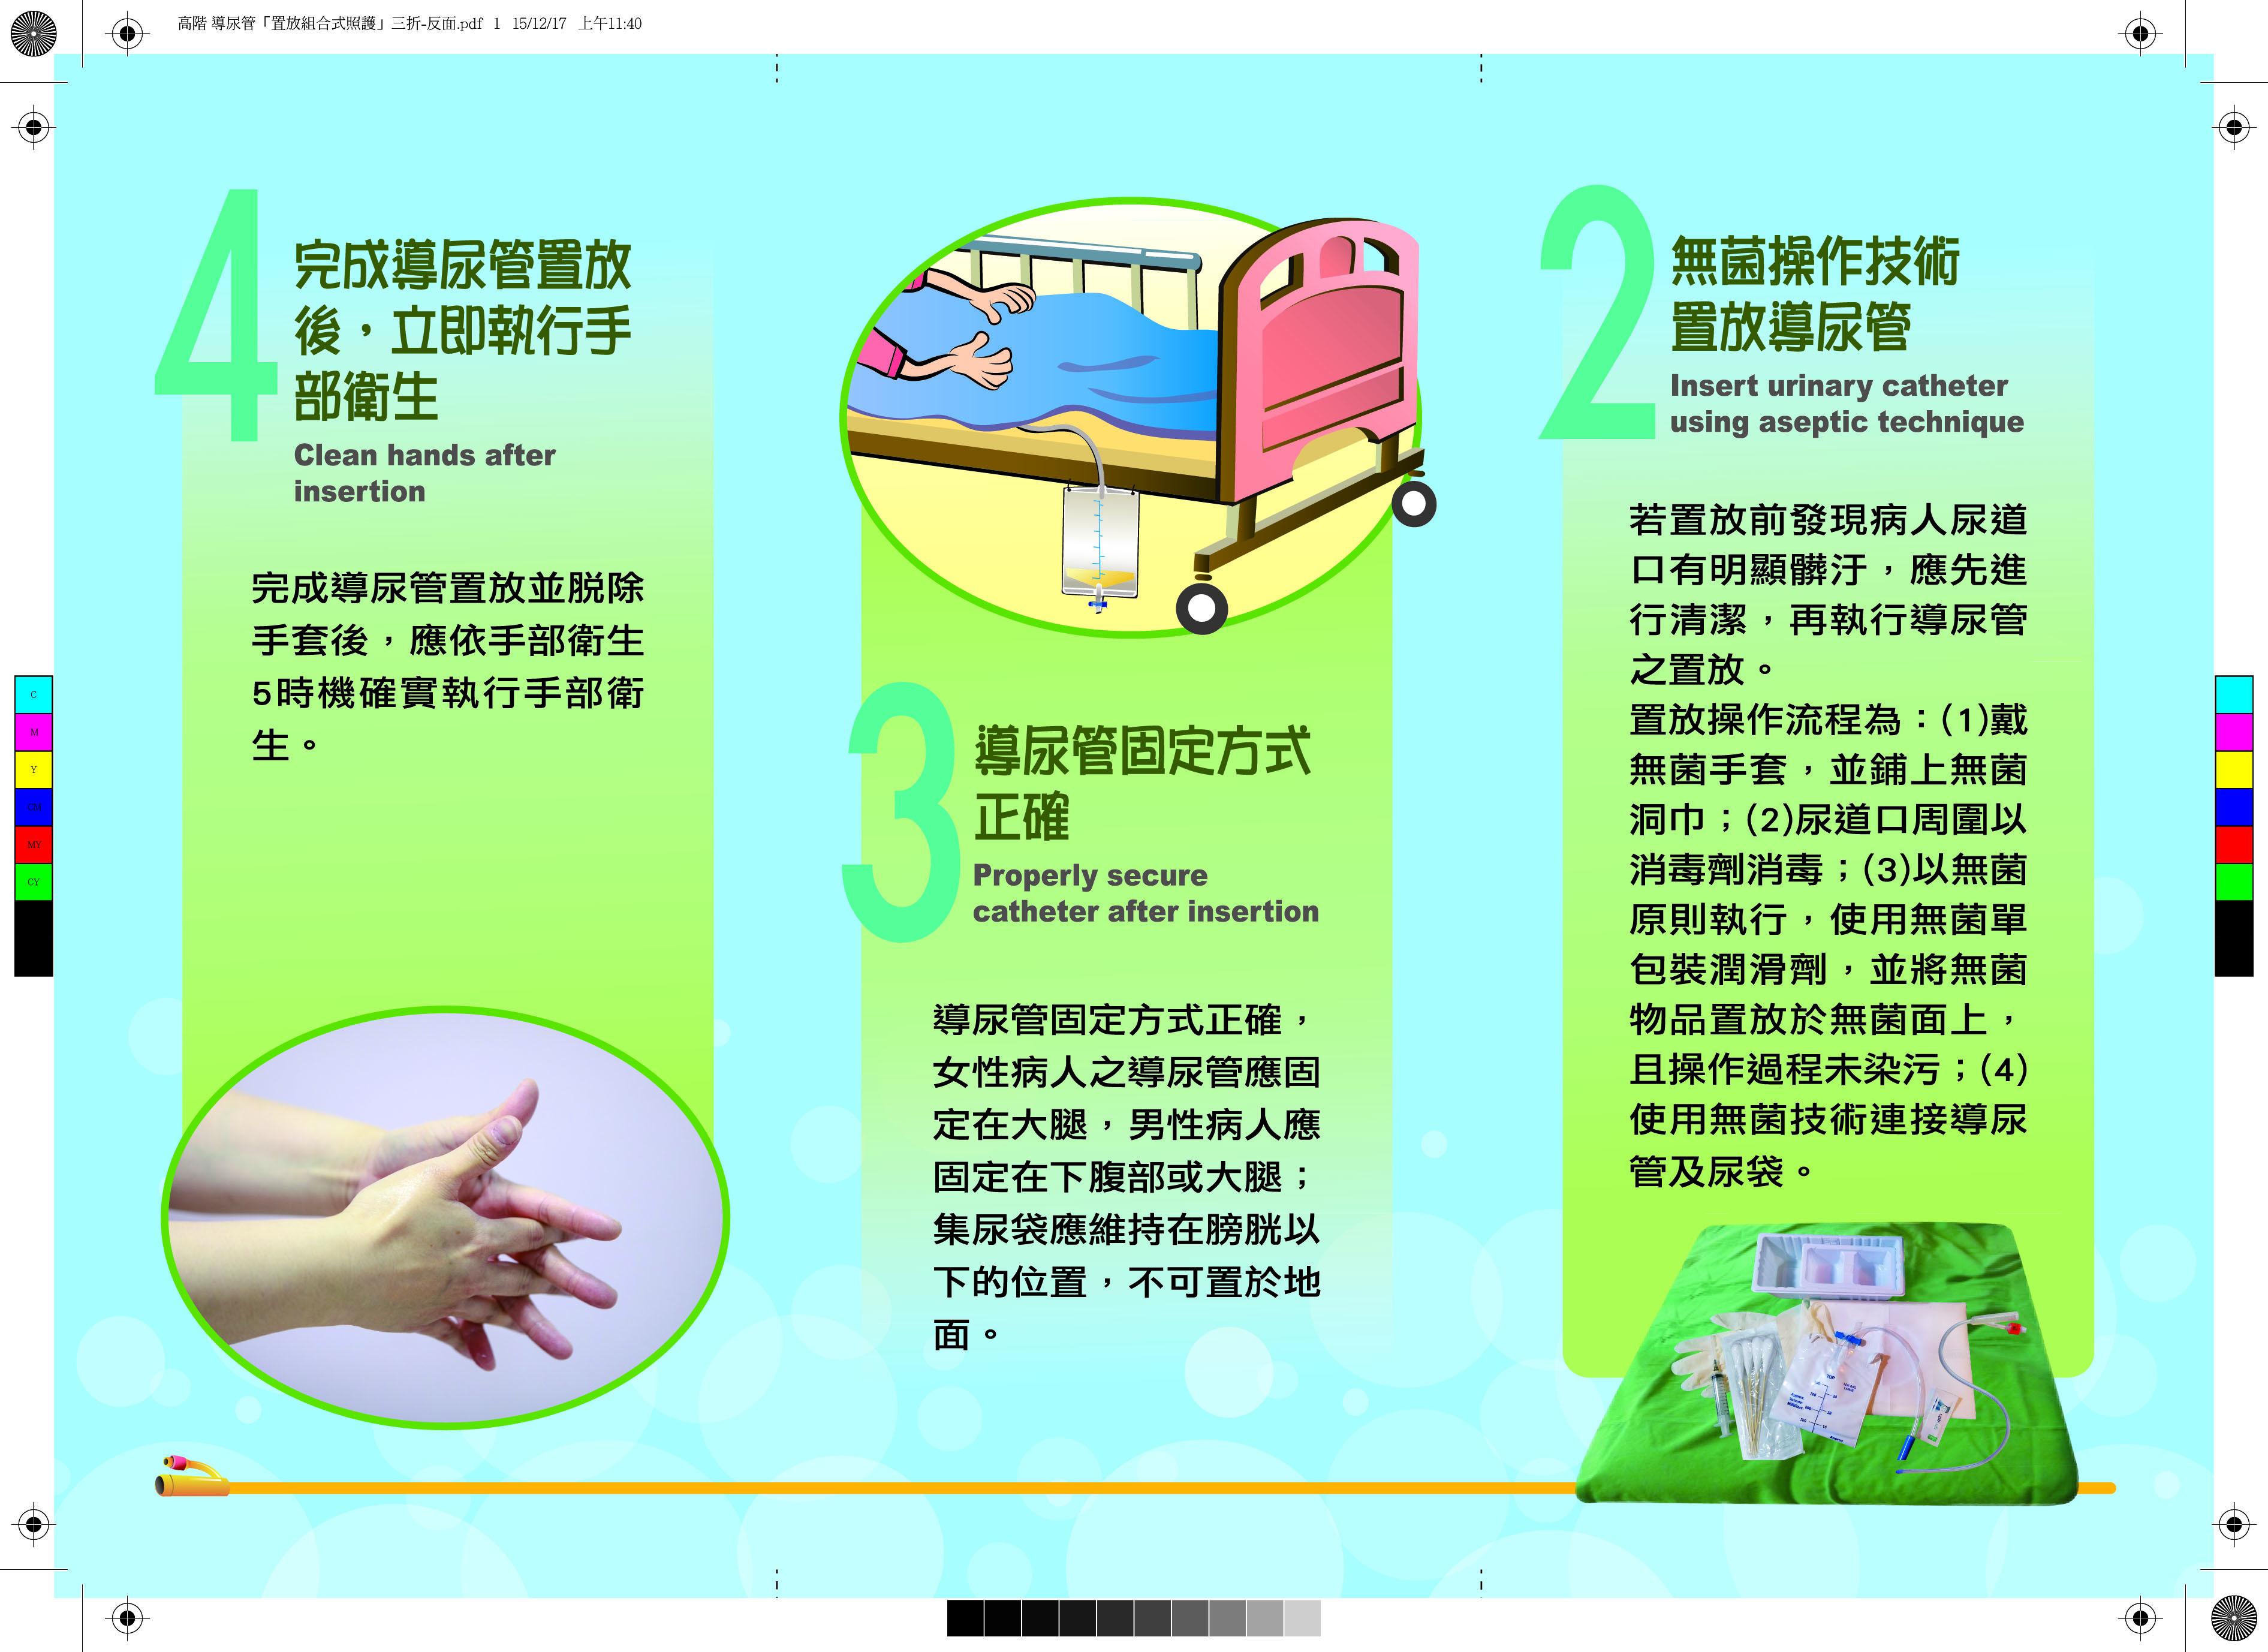 「導尿管置放組合視照護措施」衛教單張-(2015年製)